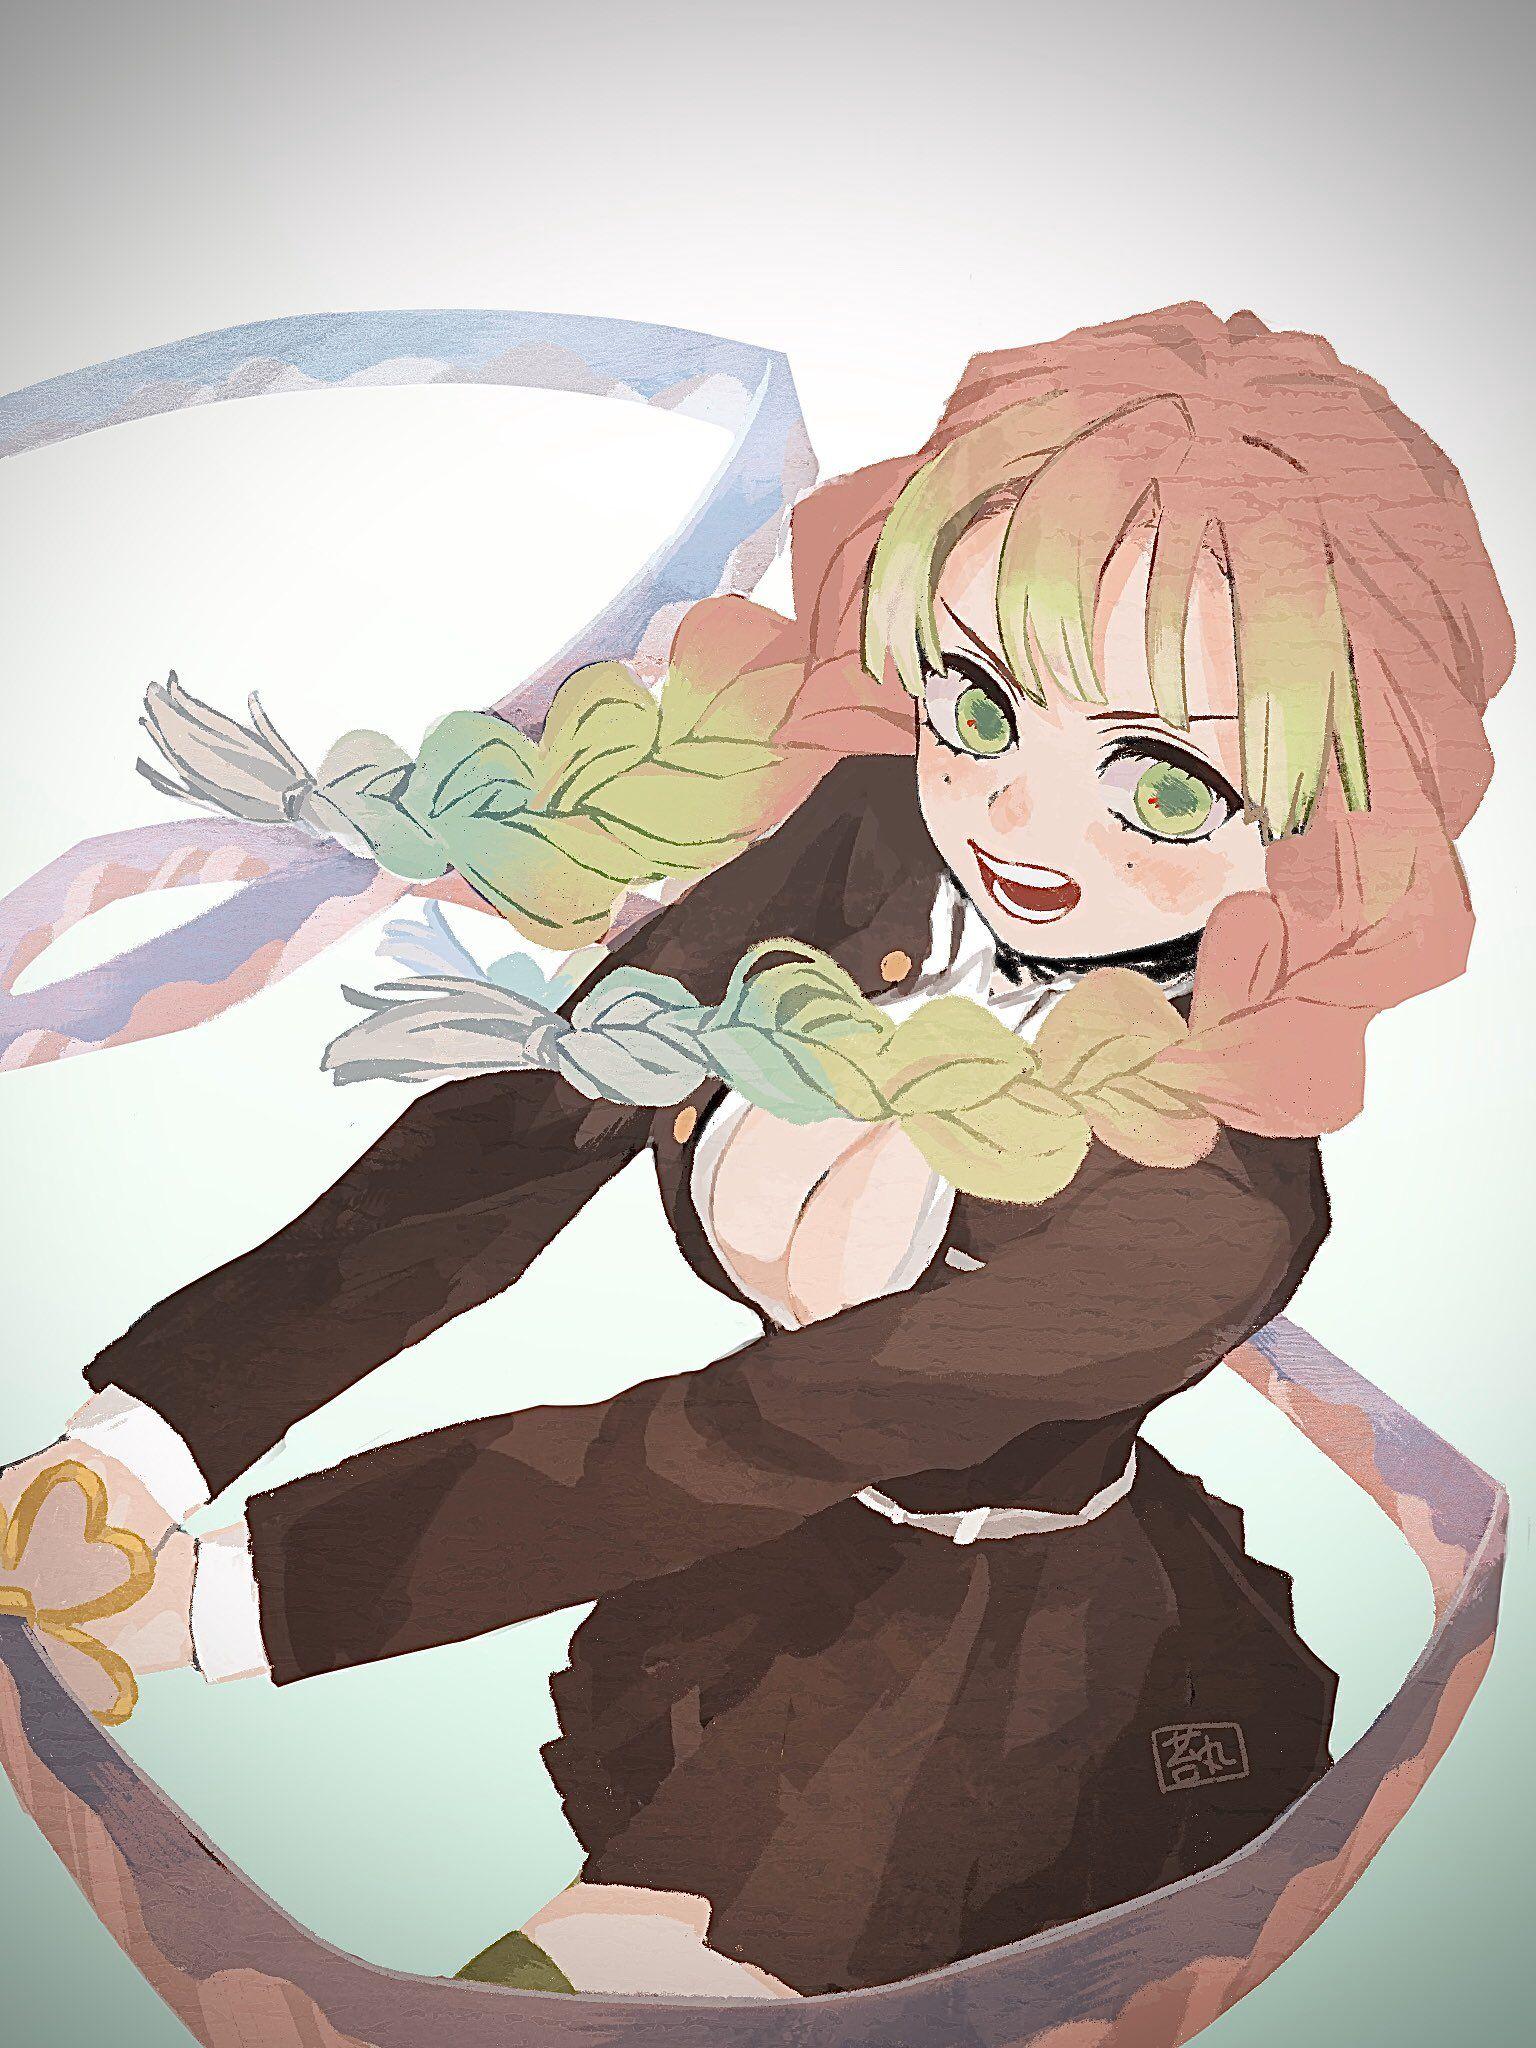 ドレスローザ芸人 (KINGDROGER) / Twitter in 2020 Violet